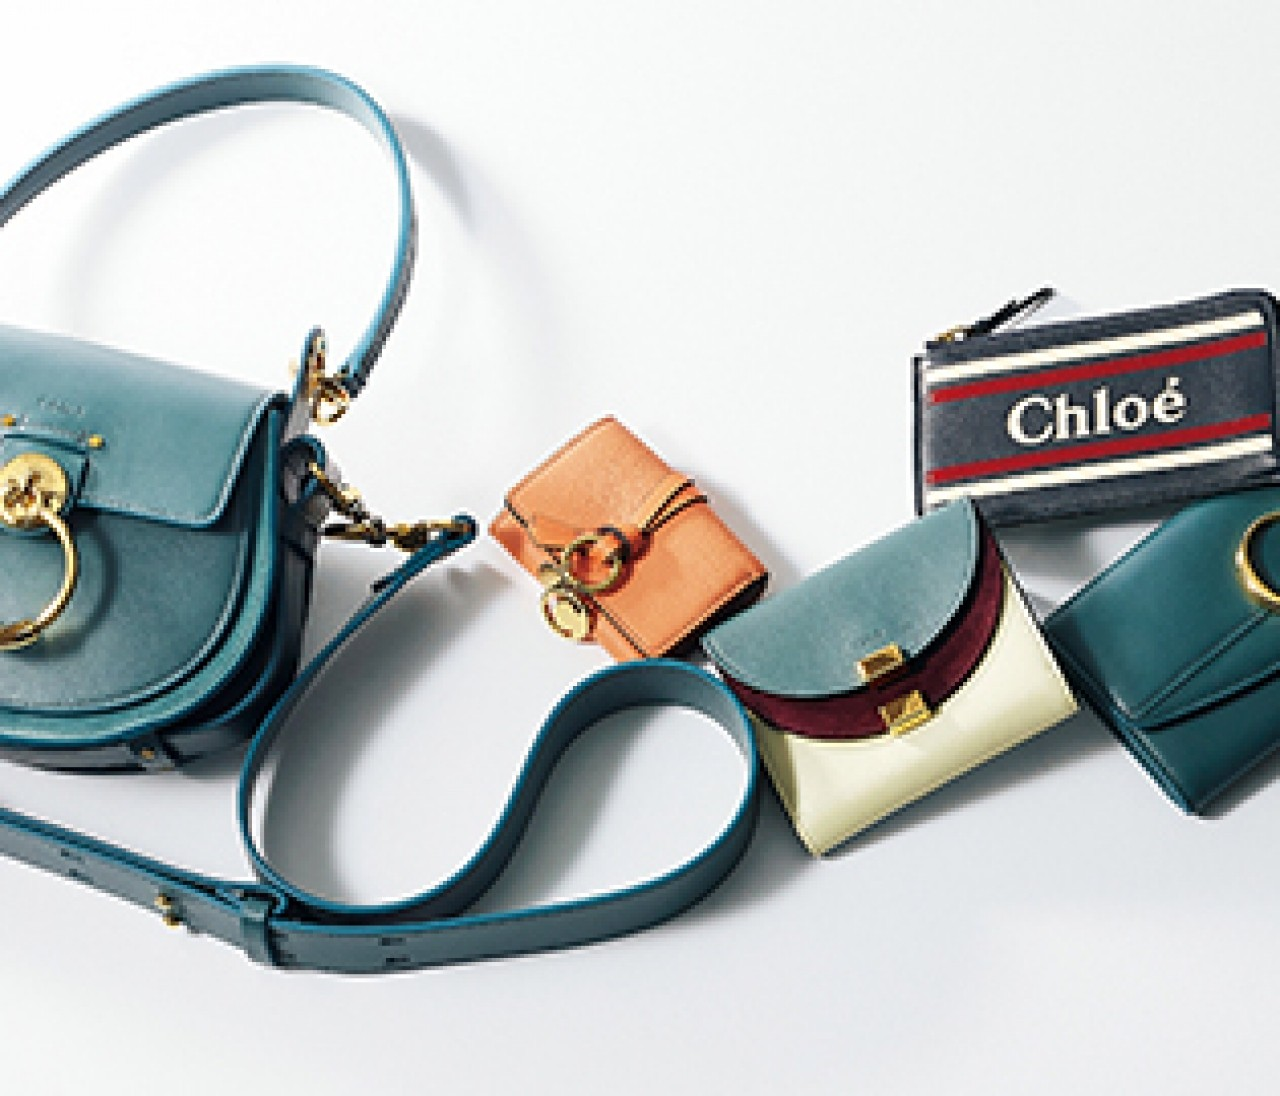 甘くない大人に似合う【クロエ(Chloé)】の可憐なバッグ&財布を身につけて